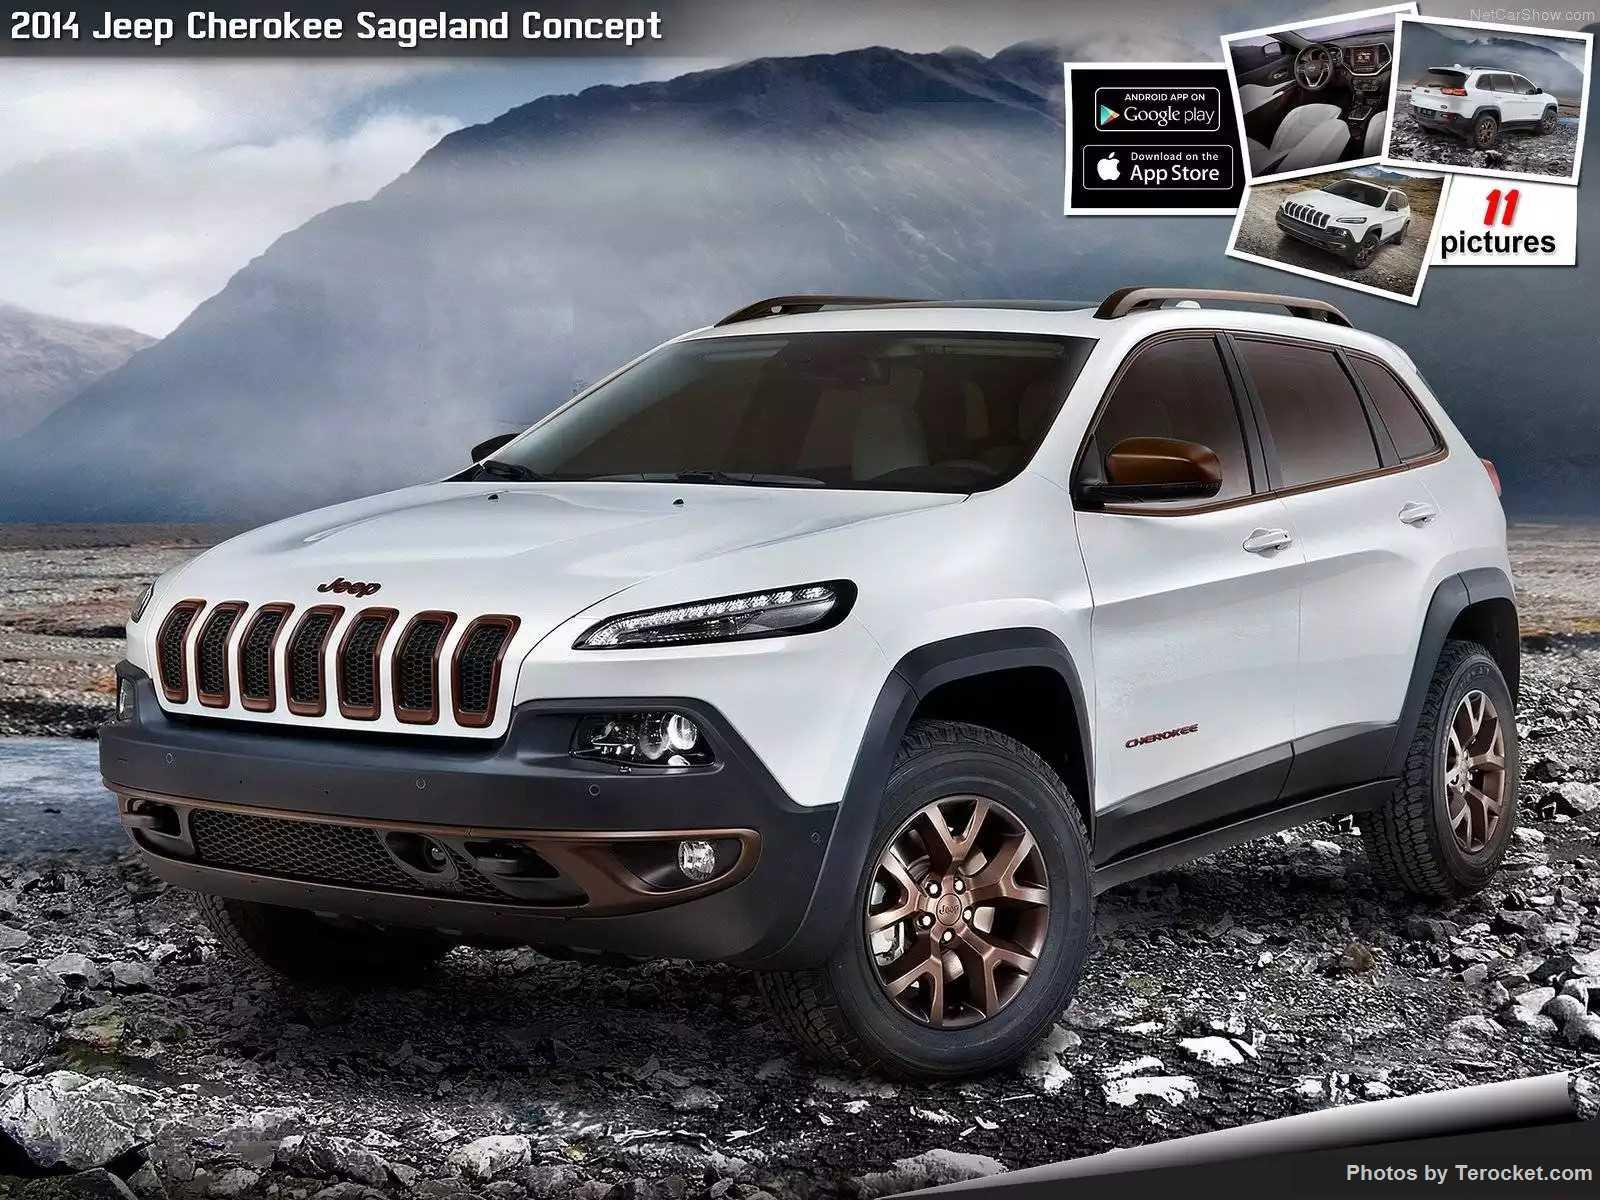 Hình ảnh xe ô tô Jeep Cherokee Sageland Concept 2014 & nội ngoại thất